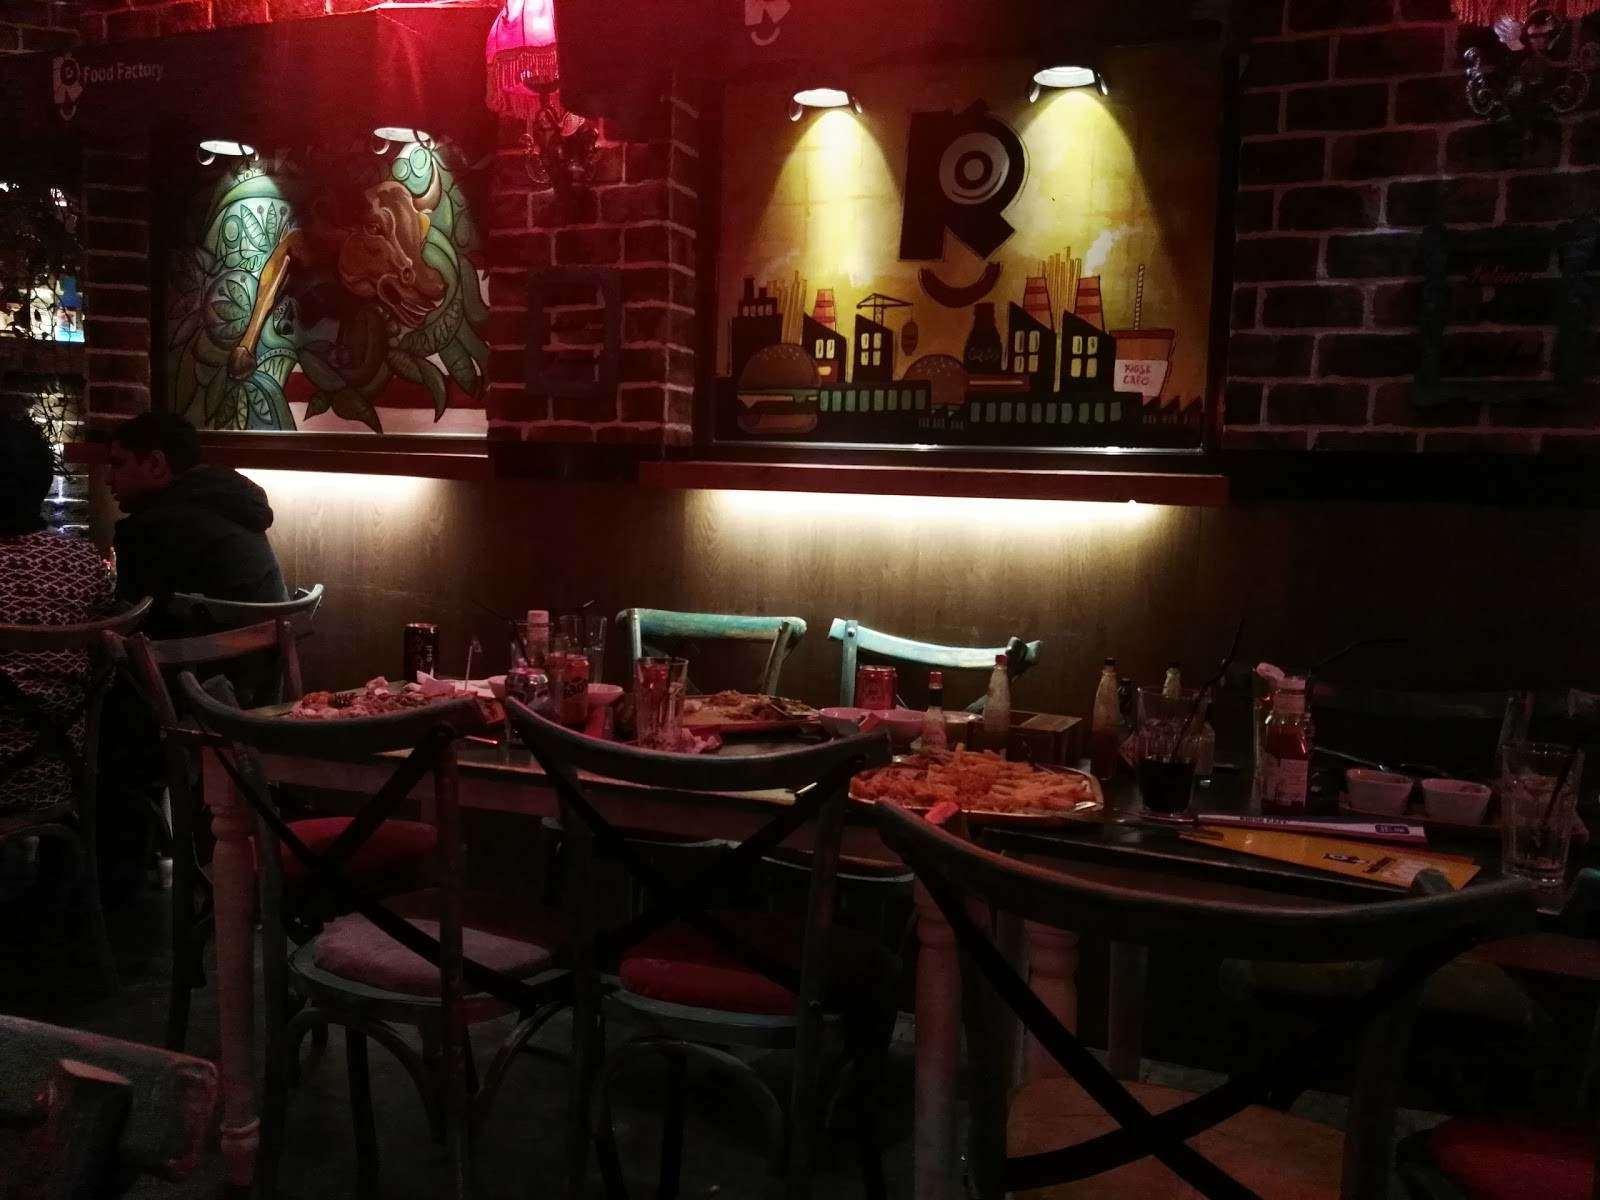 دکور خاص و متفاوت رستوران روژ مشهد